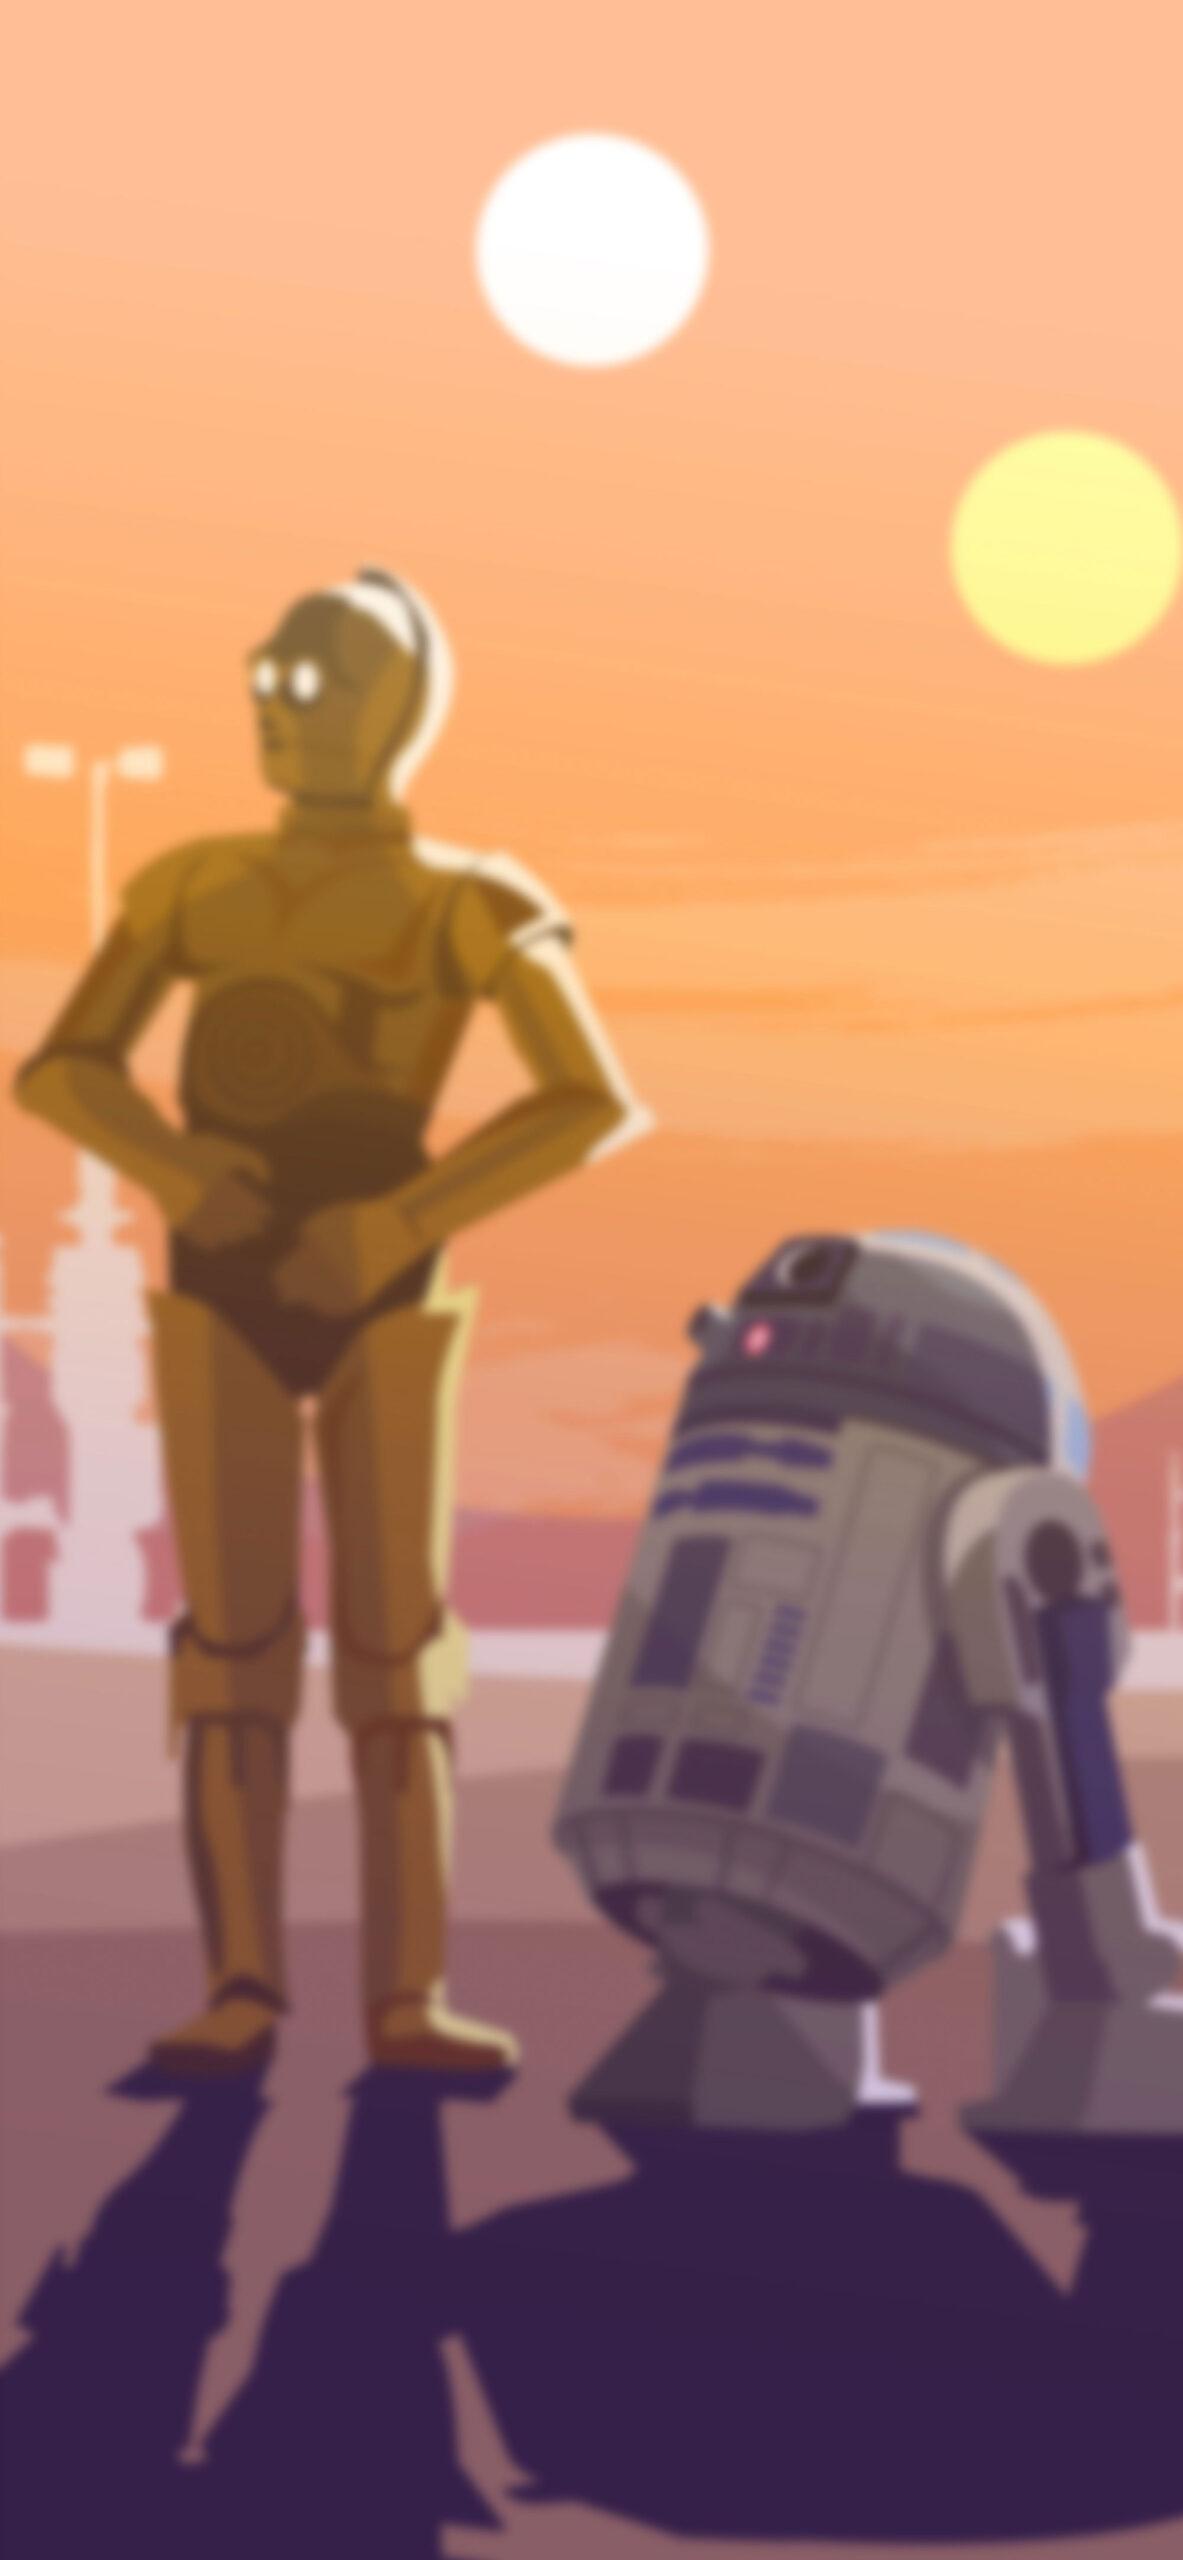 star wars c3po r2d2 blur wallpaper